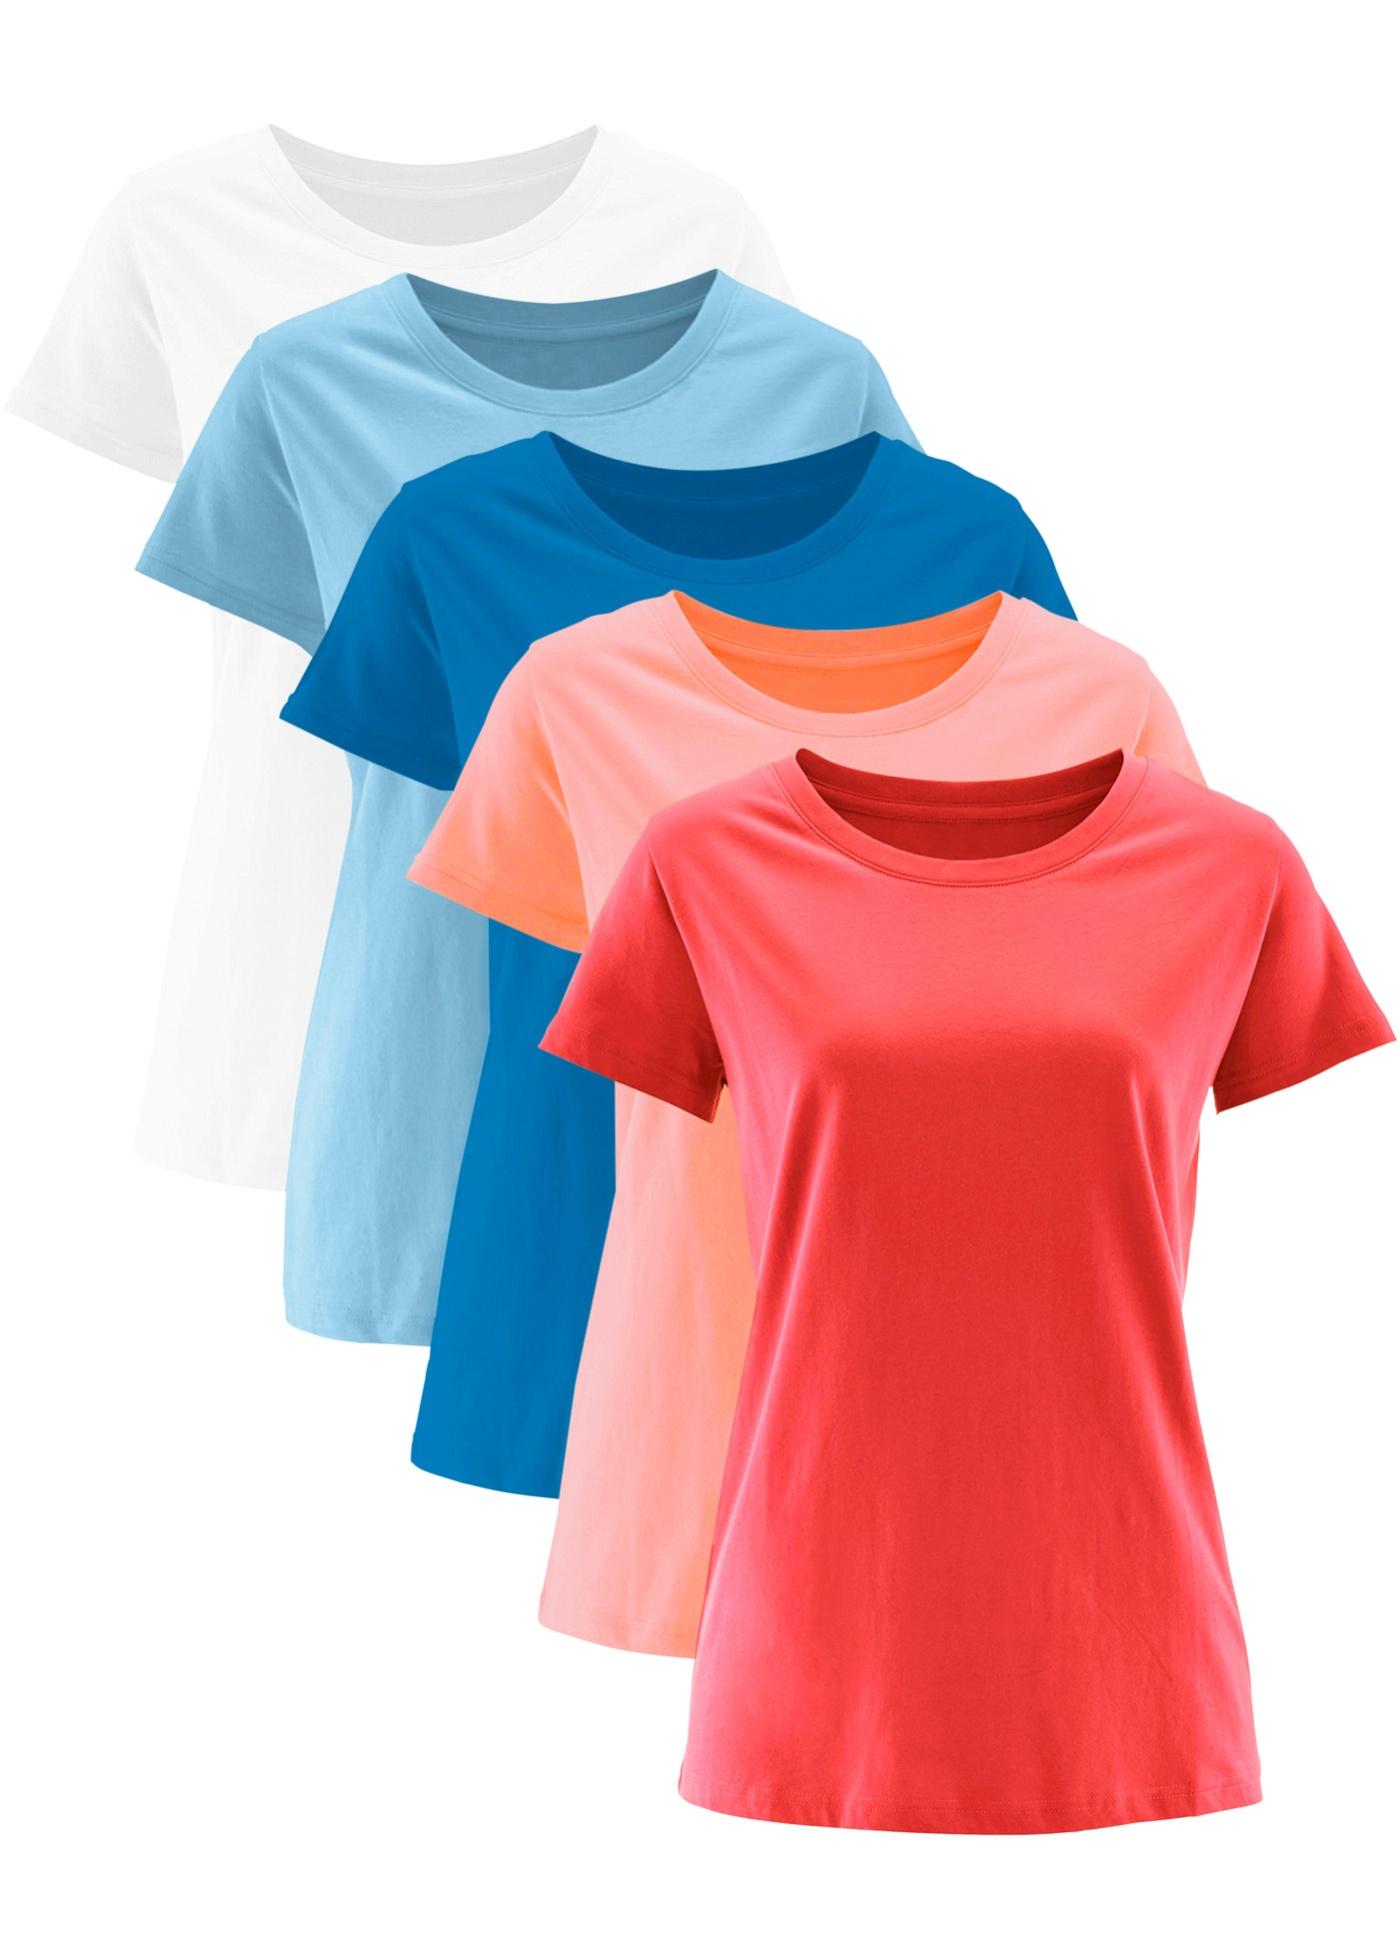 Orange Courtes 5 Col Femme T Pour Avec Bonprix Manches shirts Bpc CollectionLot Rond De byIfY76vg